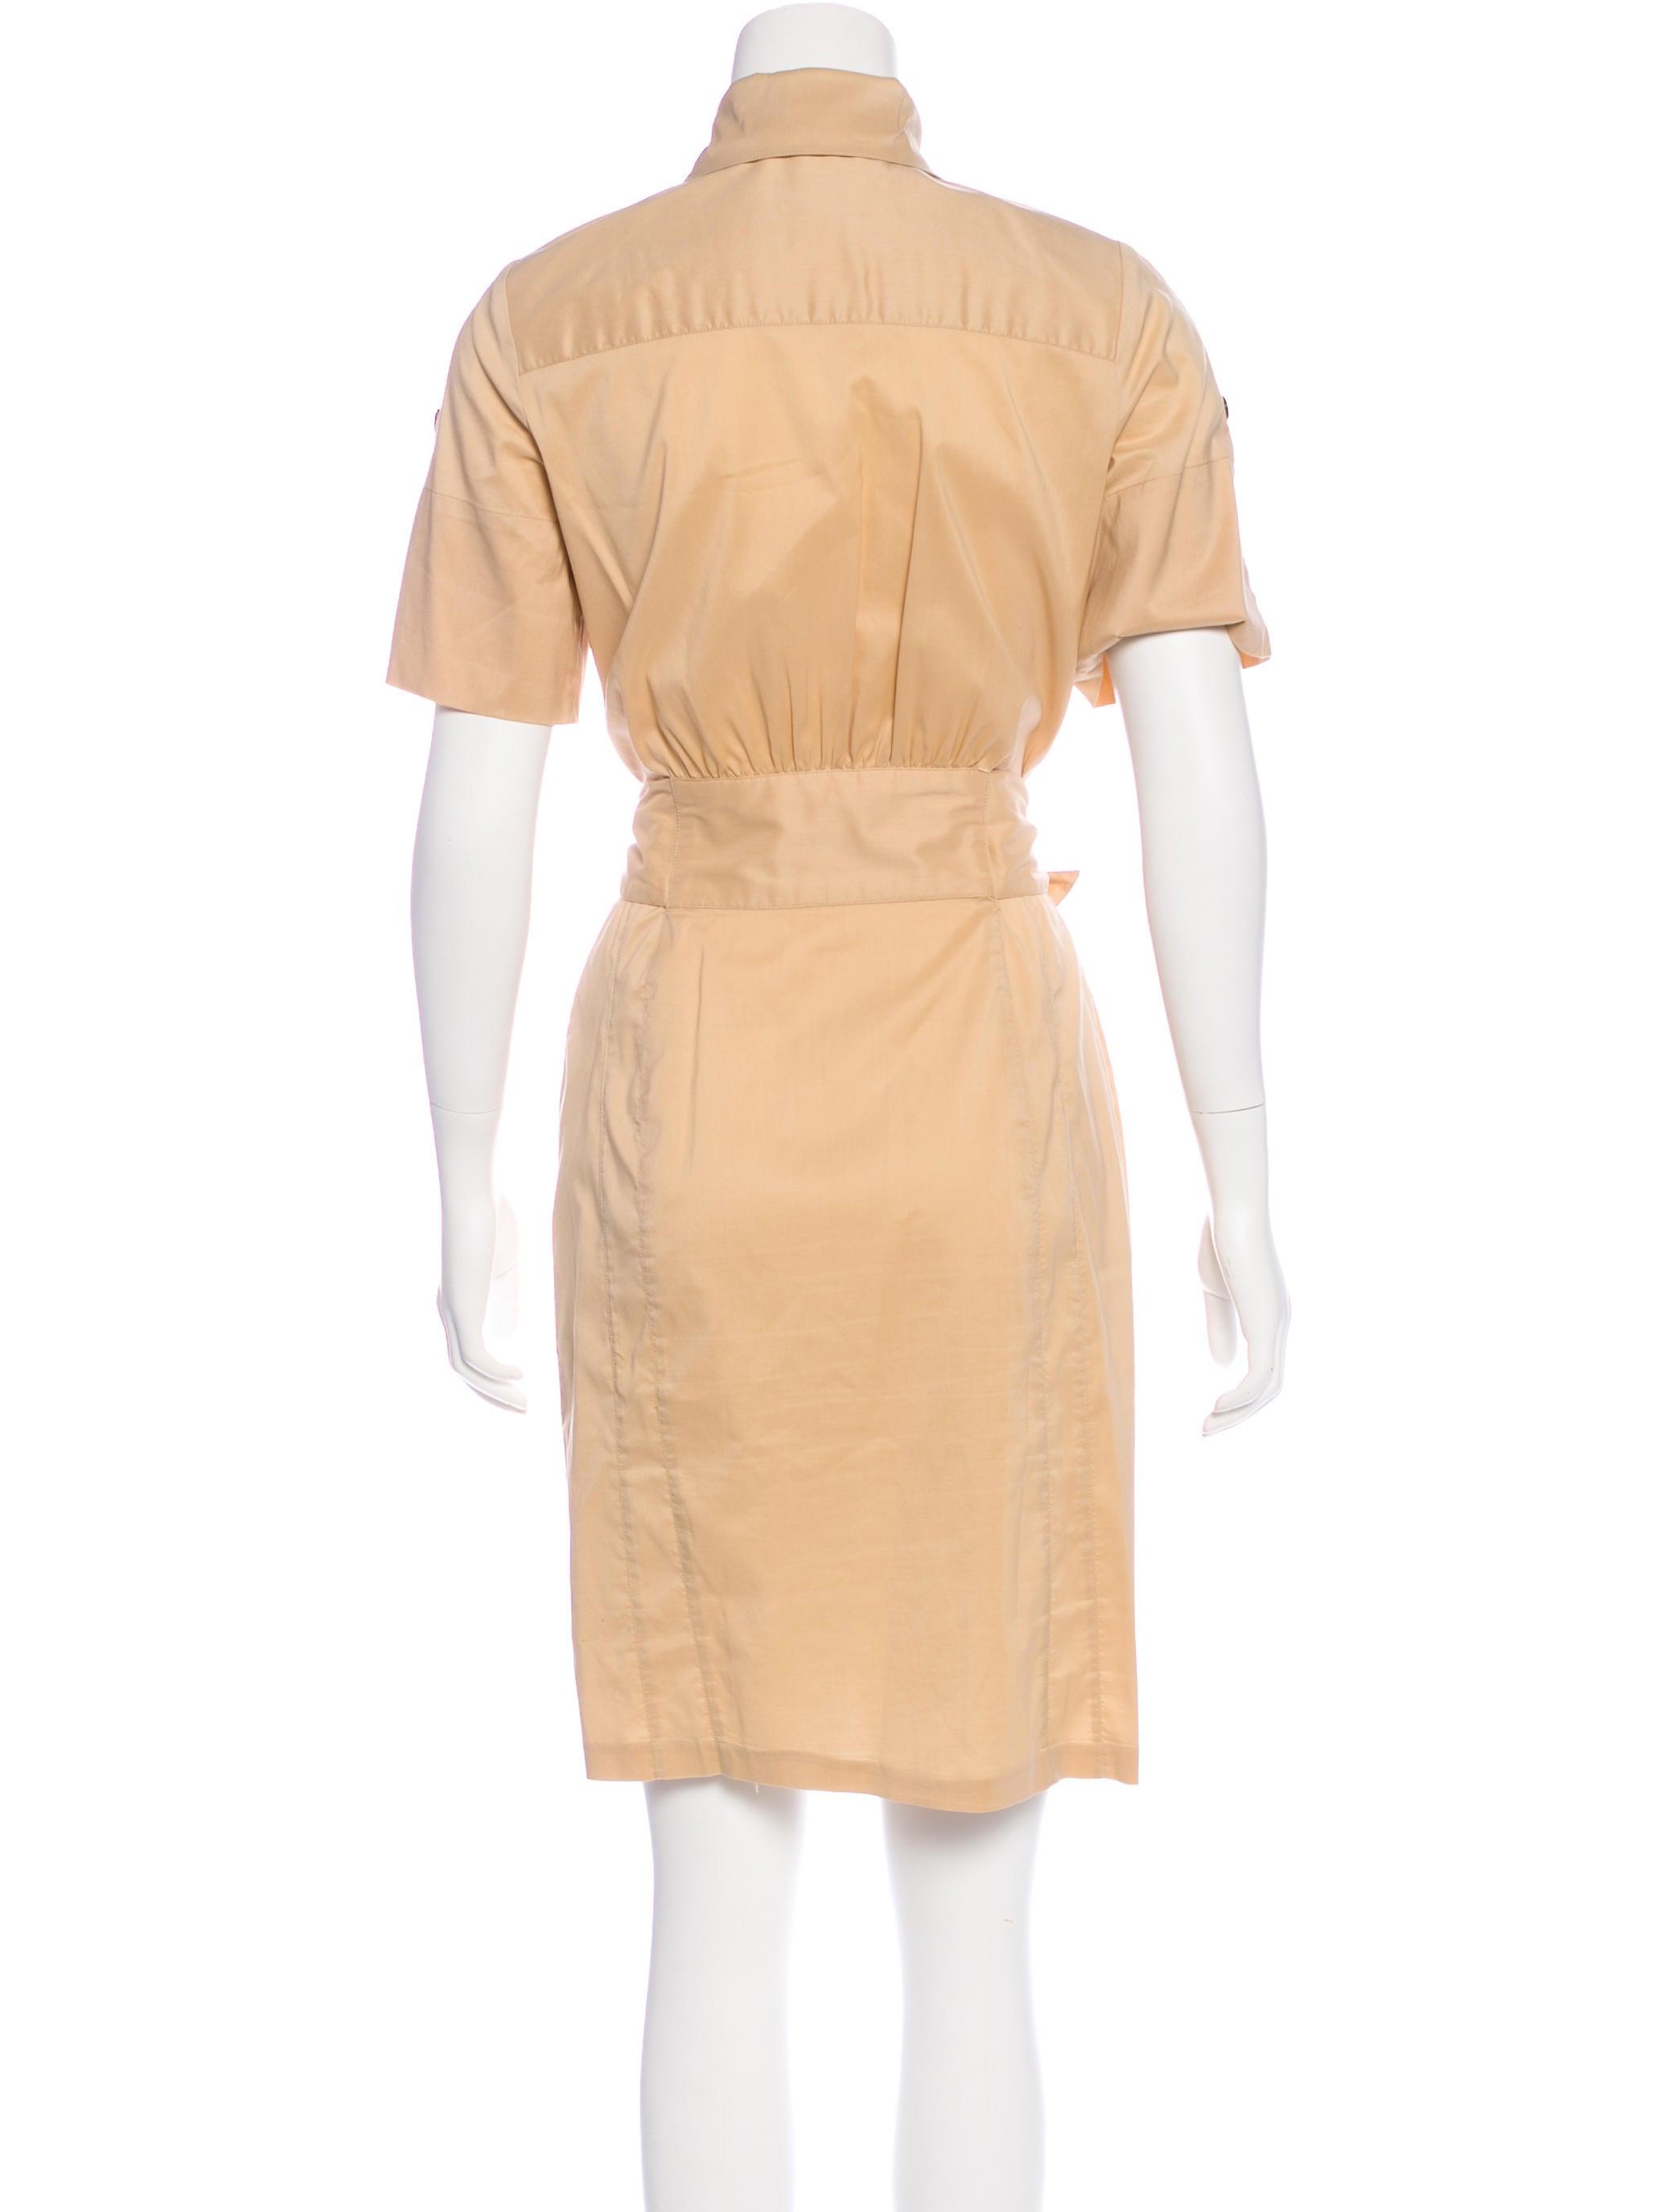 Diane von furstenberg short sleeve knee length dress for Diane von furstenberg shirt